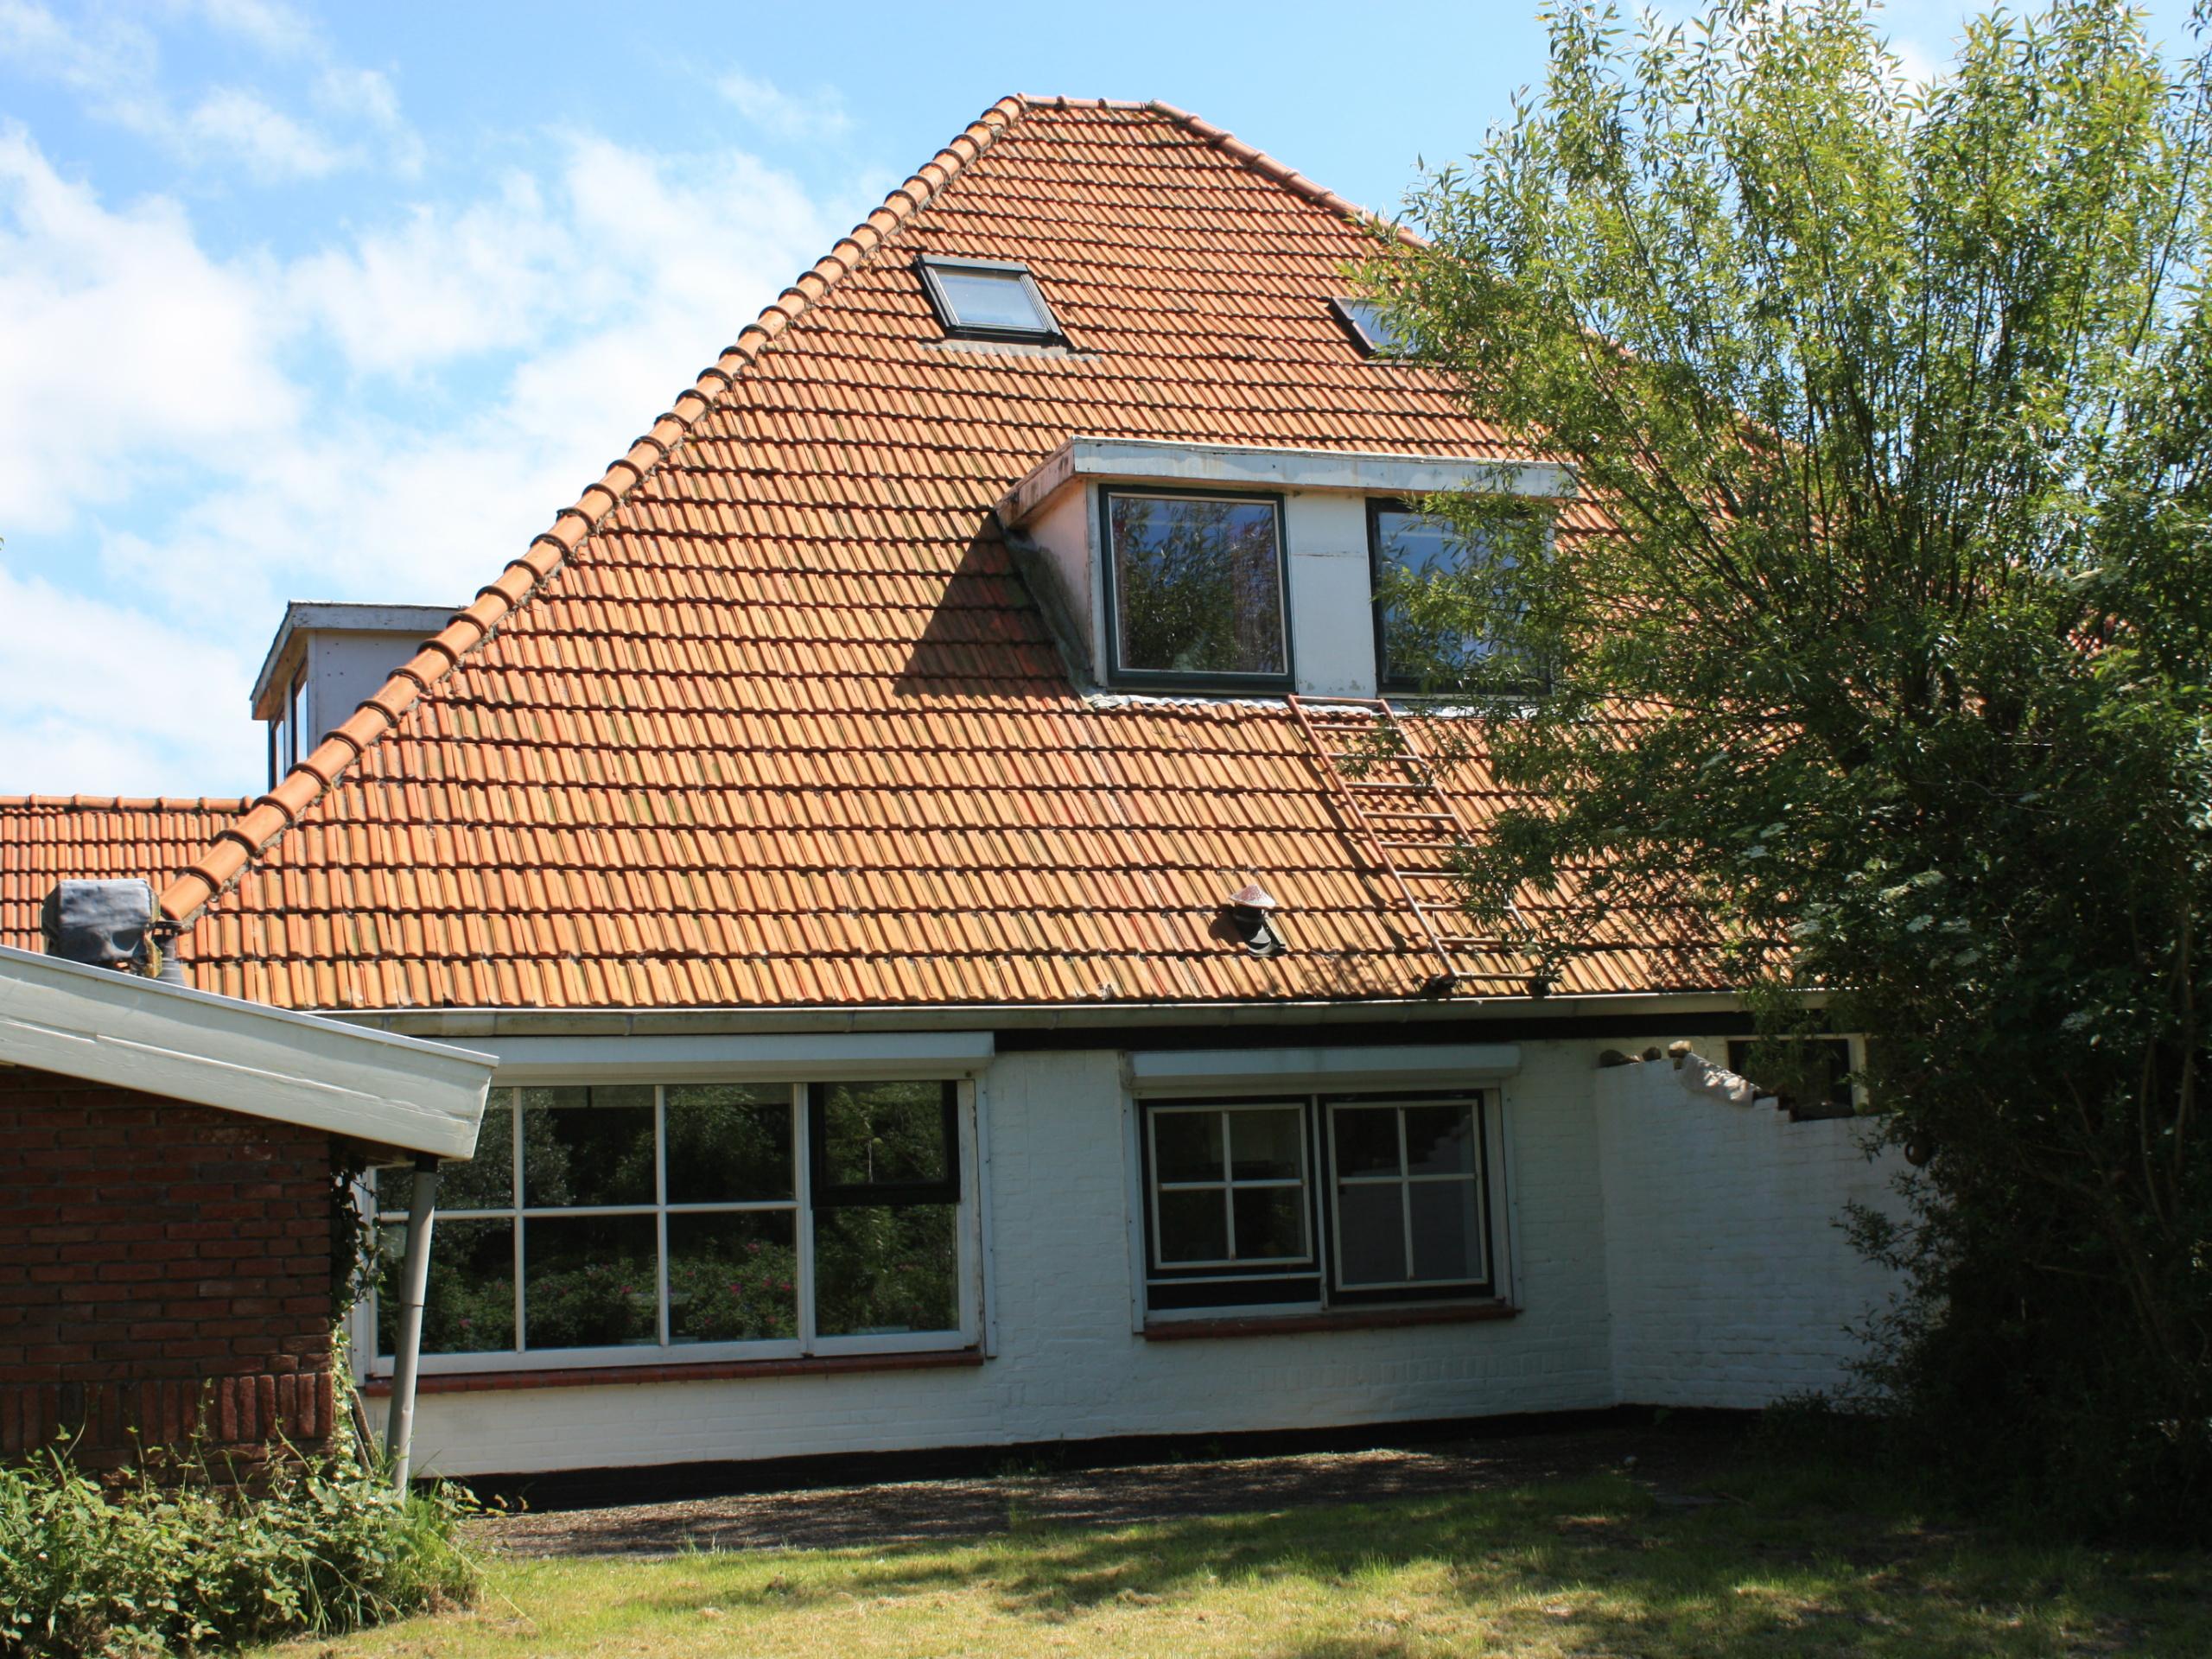 Behagliches Appartement in Bauernhof beim Slufter in Eierland